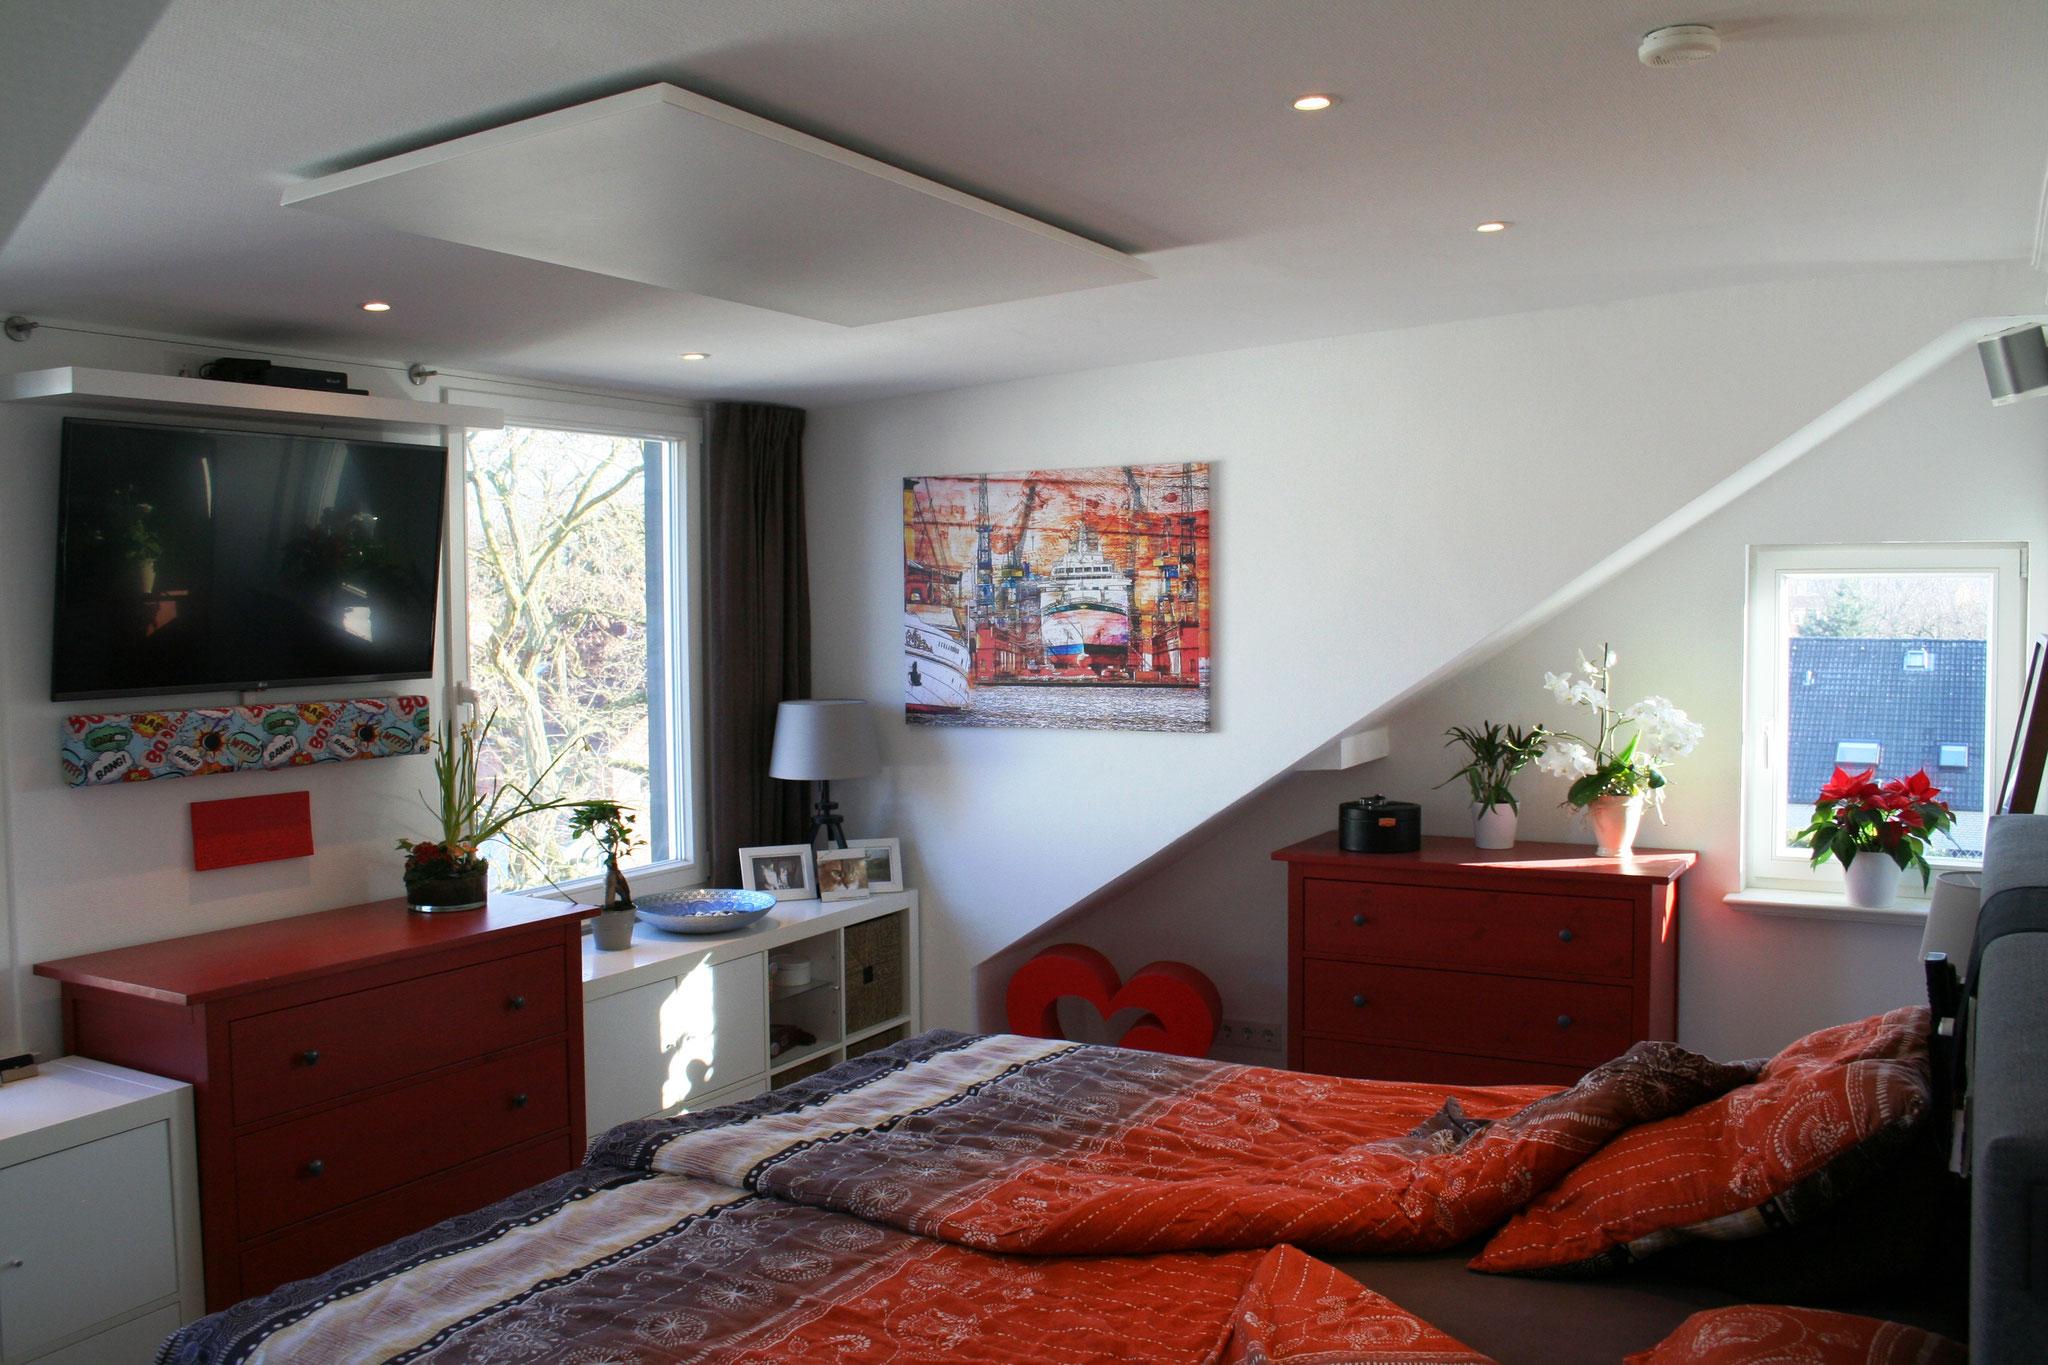 REDPUR / HALLER Infrarotheizung Deckenmontage im Schlafzimmer